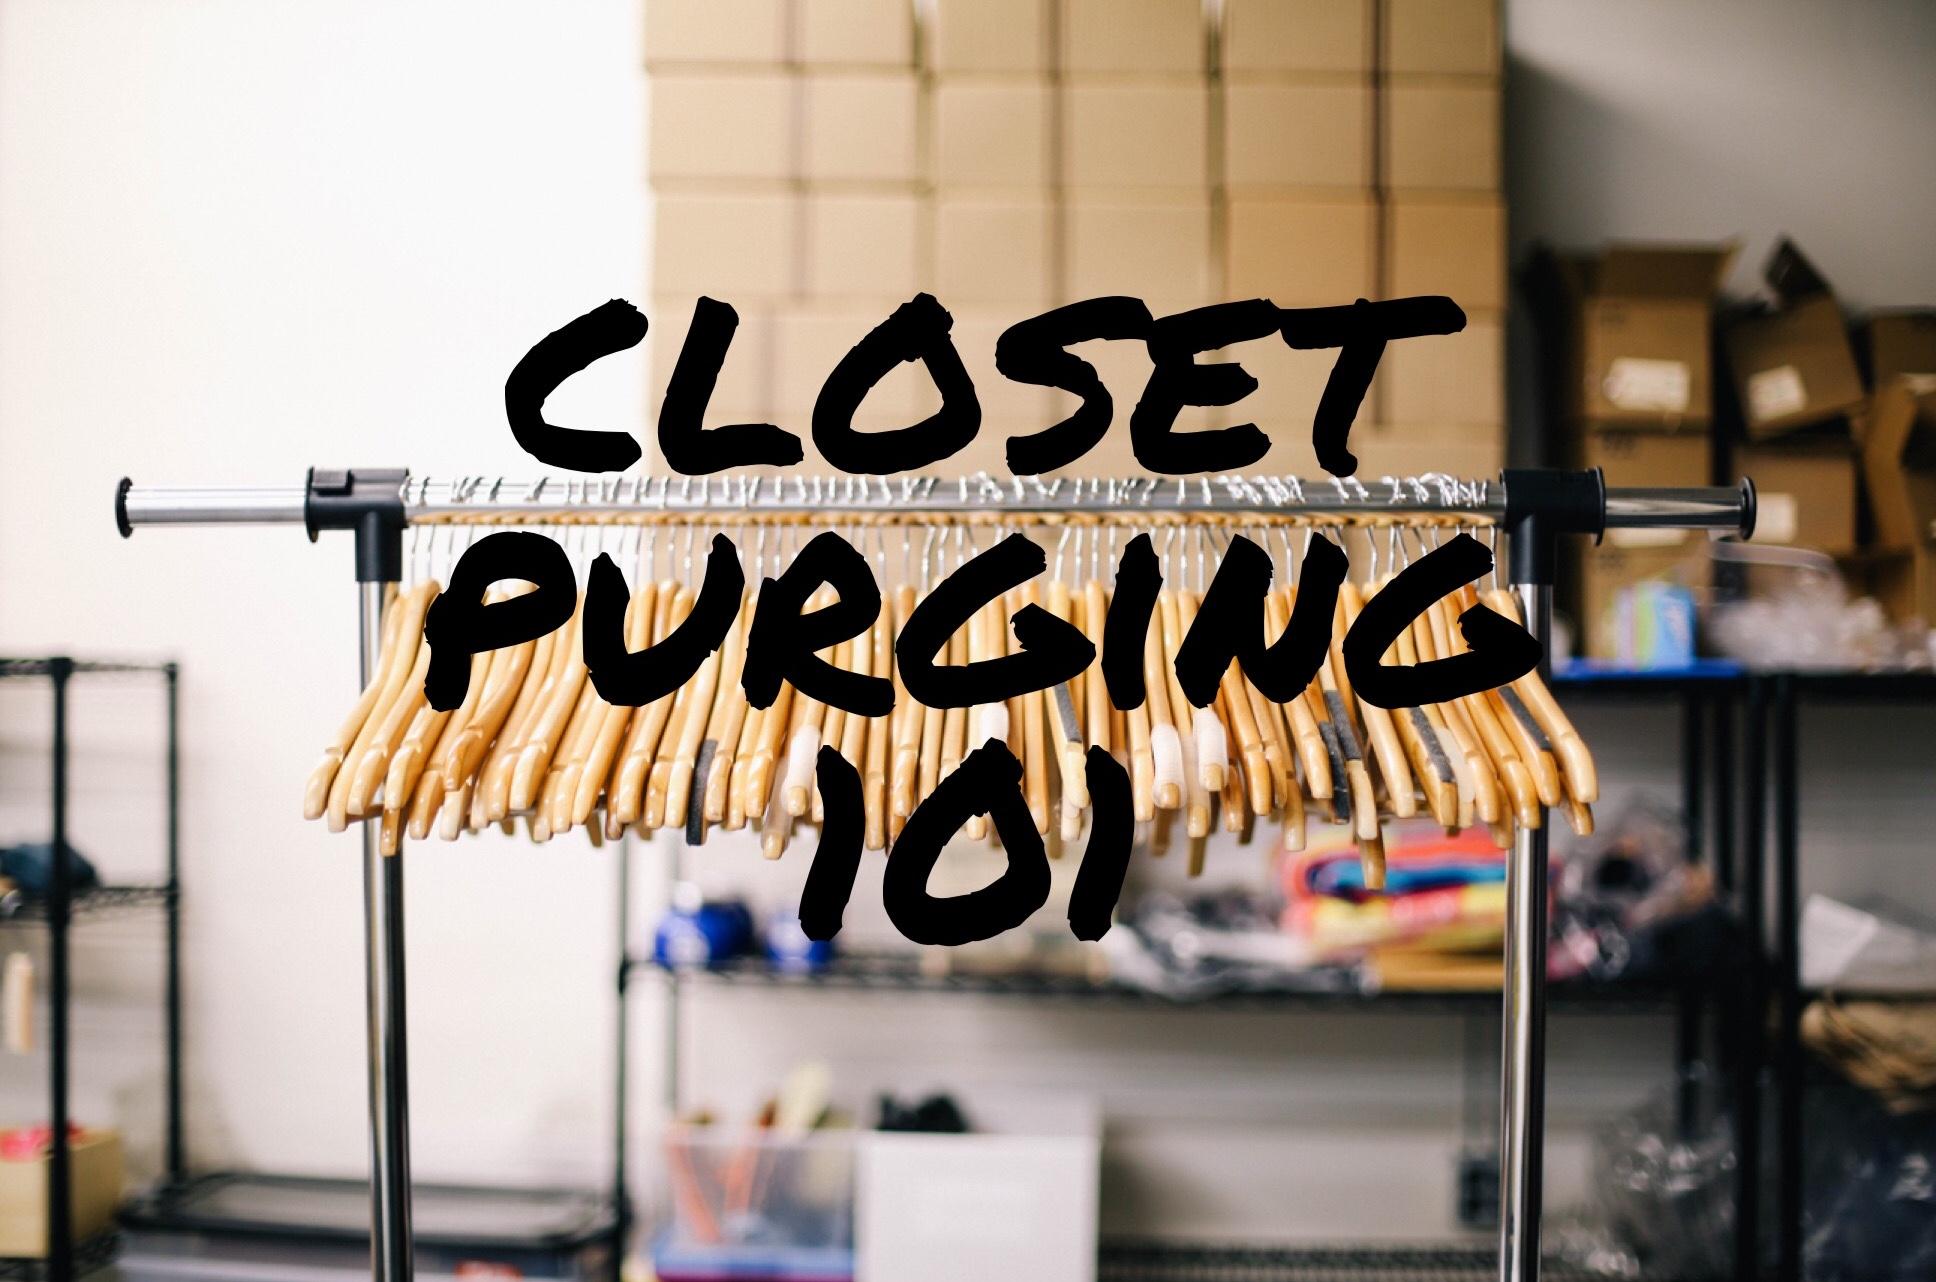 Tremendous Times - Closet Purging 101 - Tremendous Times